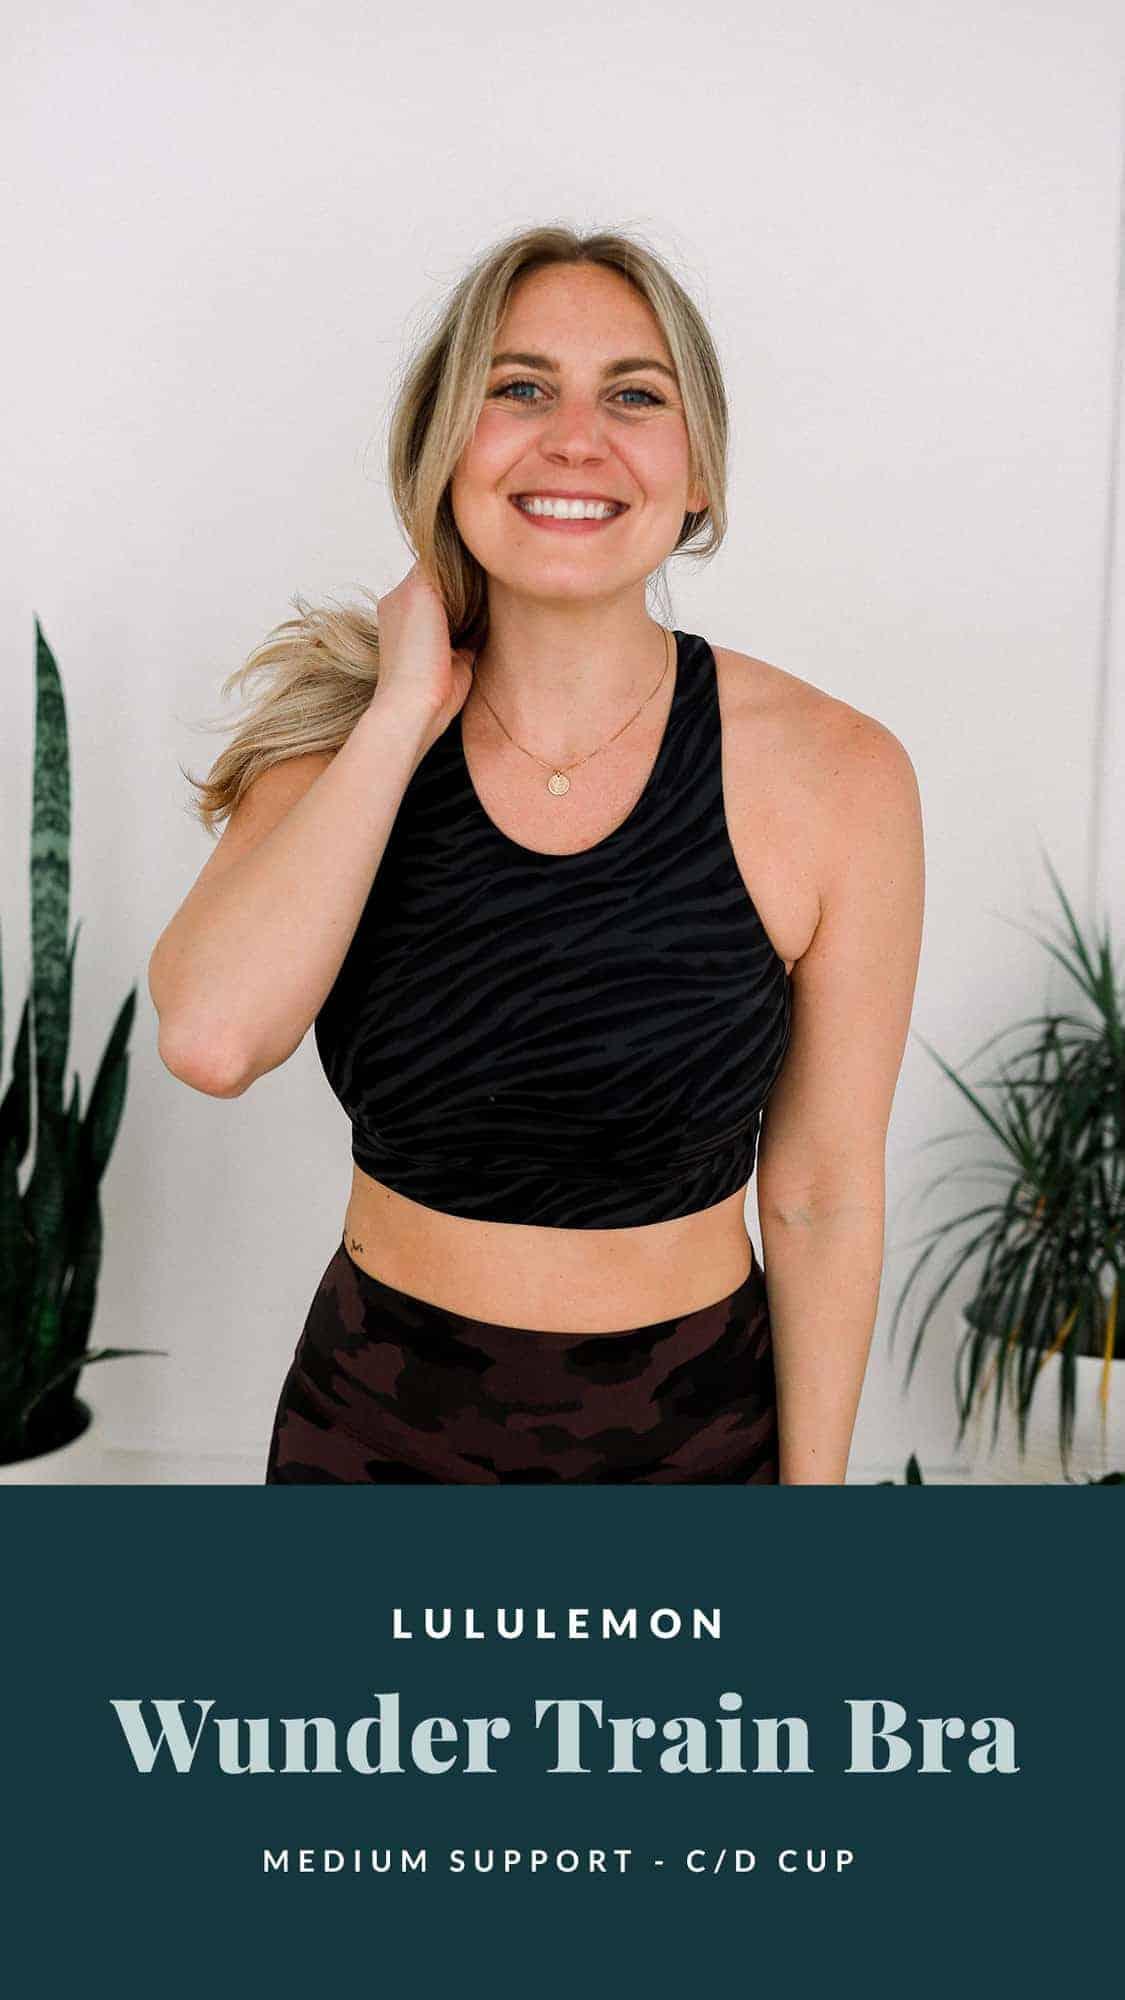 woman wearing sports bra